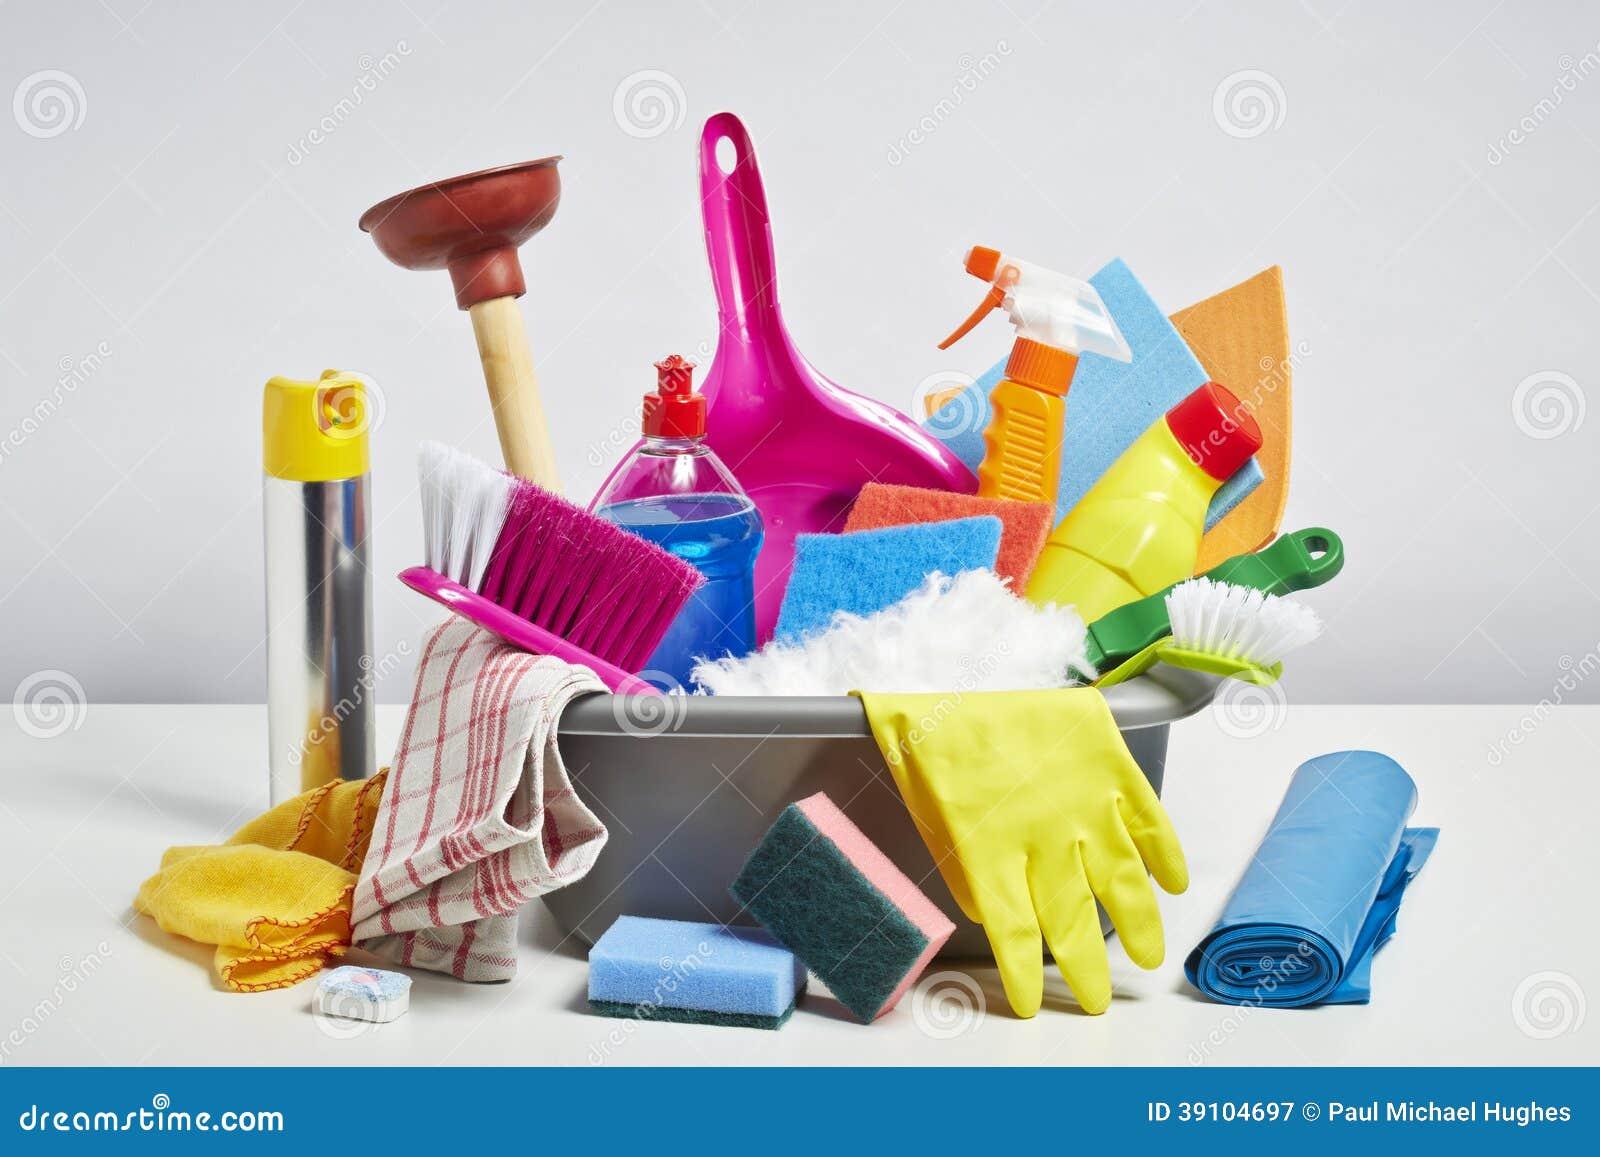 Pila De Los Productos De Limpieza De La Casa En El Fondo Blanco ...